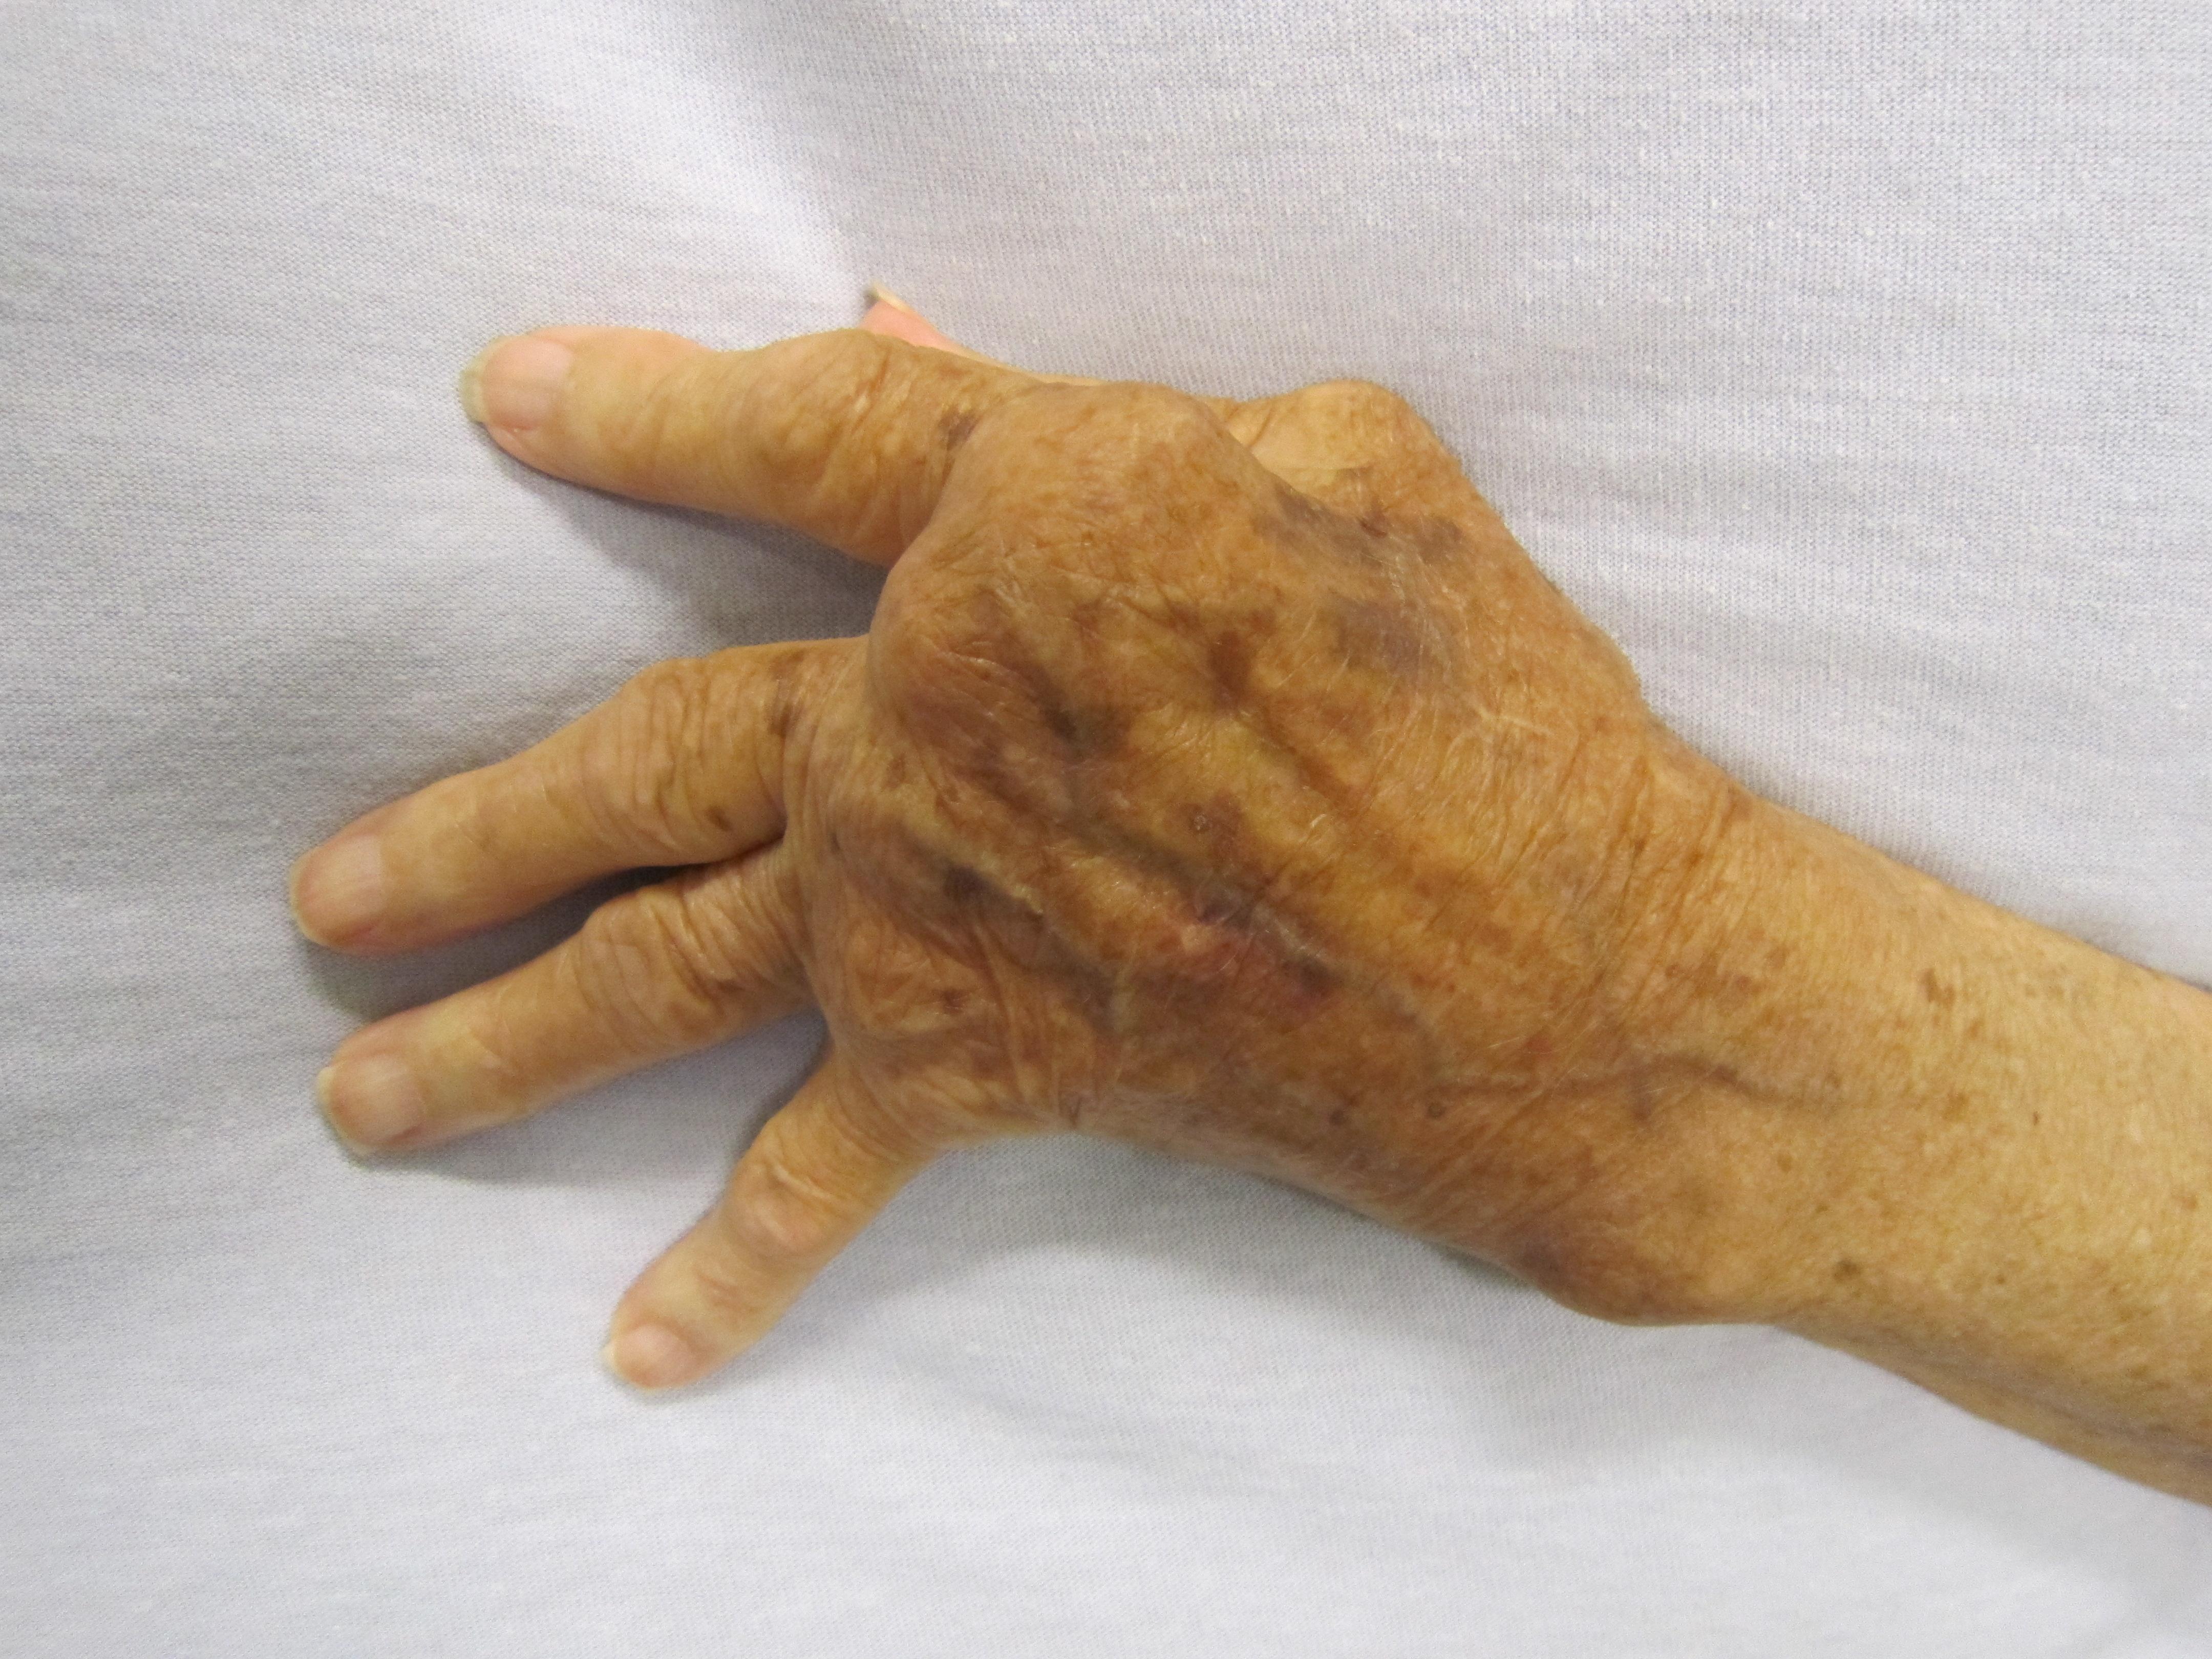 ízületi mozgások rheumatoid arthritisben fehérje ízületi fájdalom